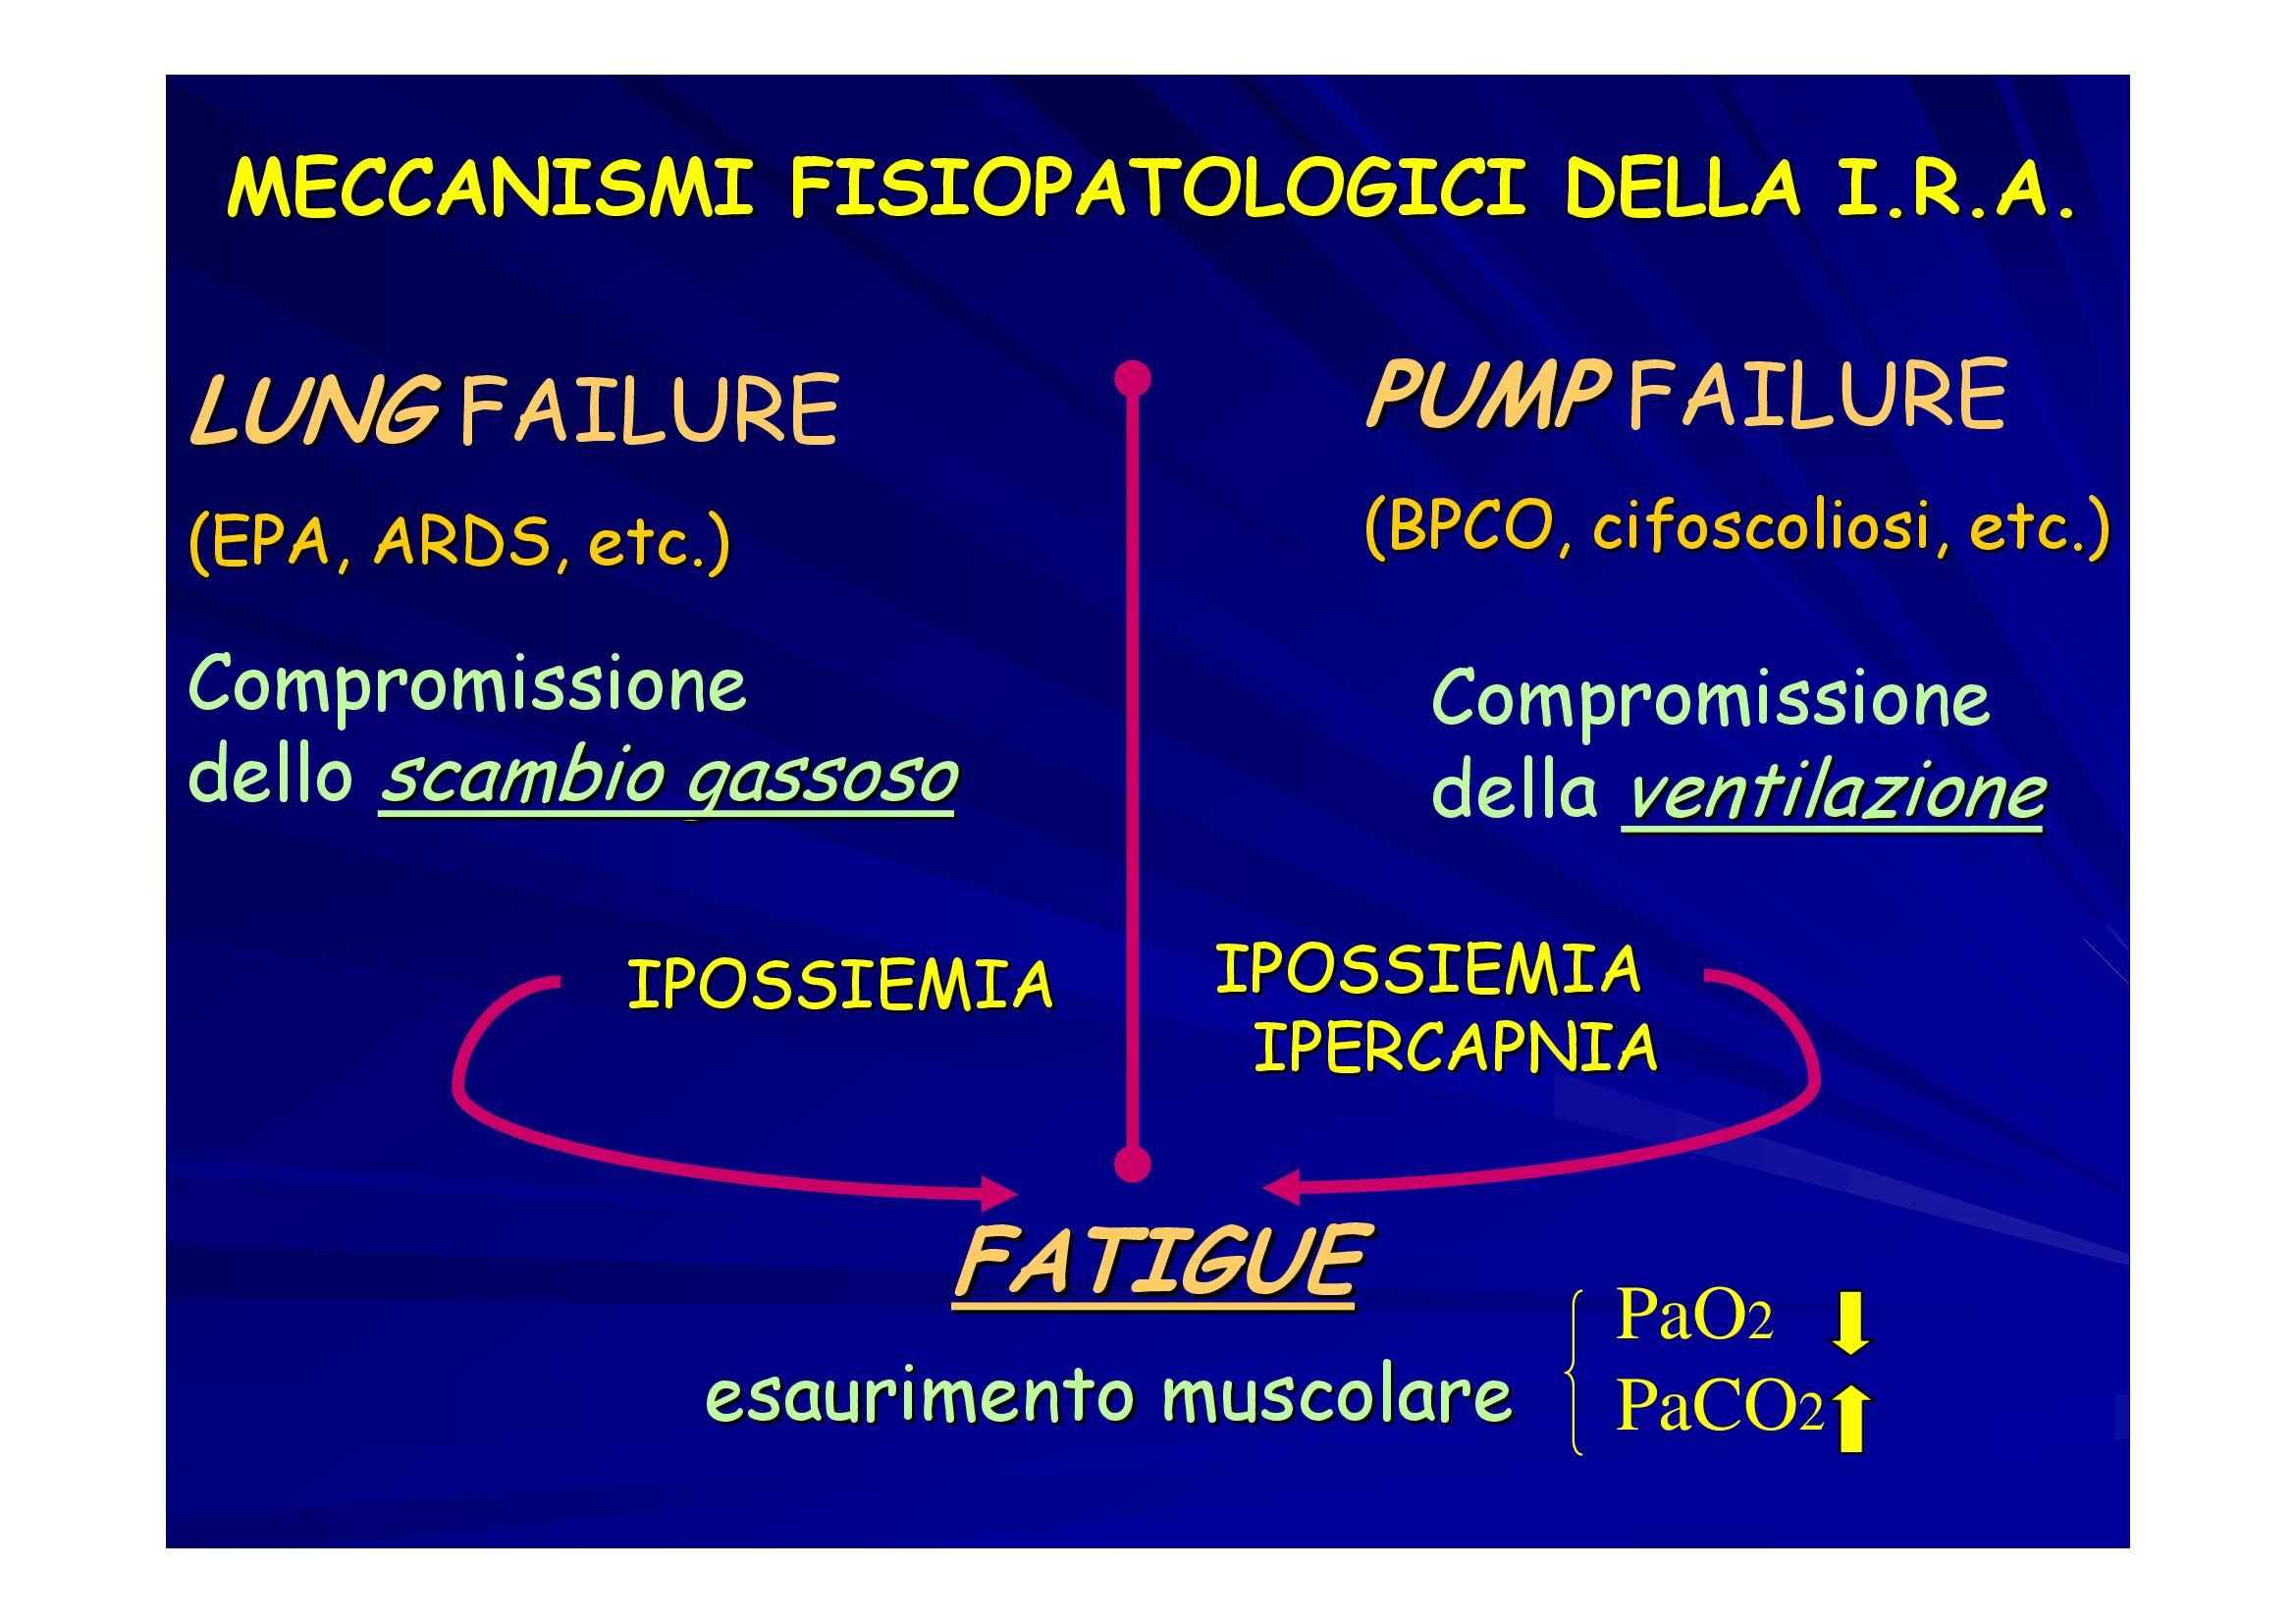 Medicina interna - lezione 4